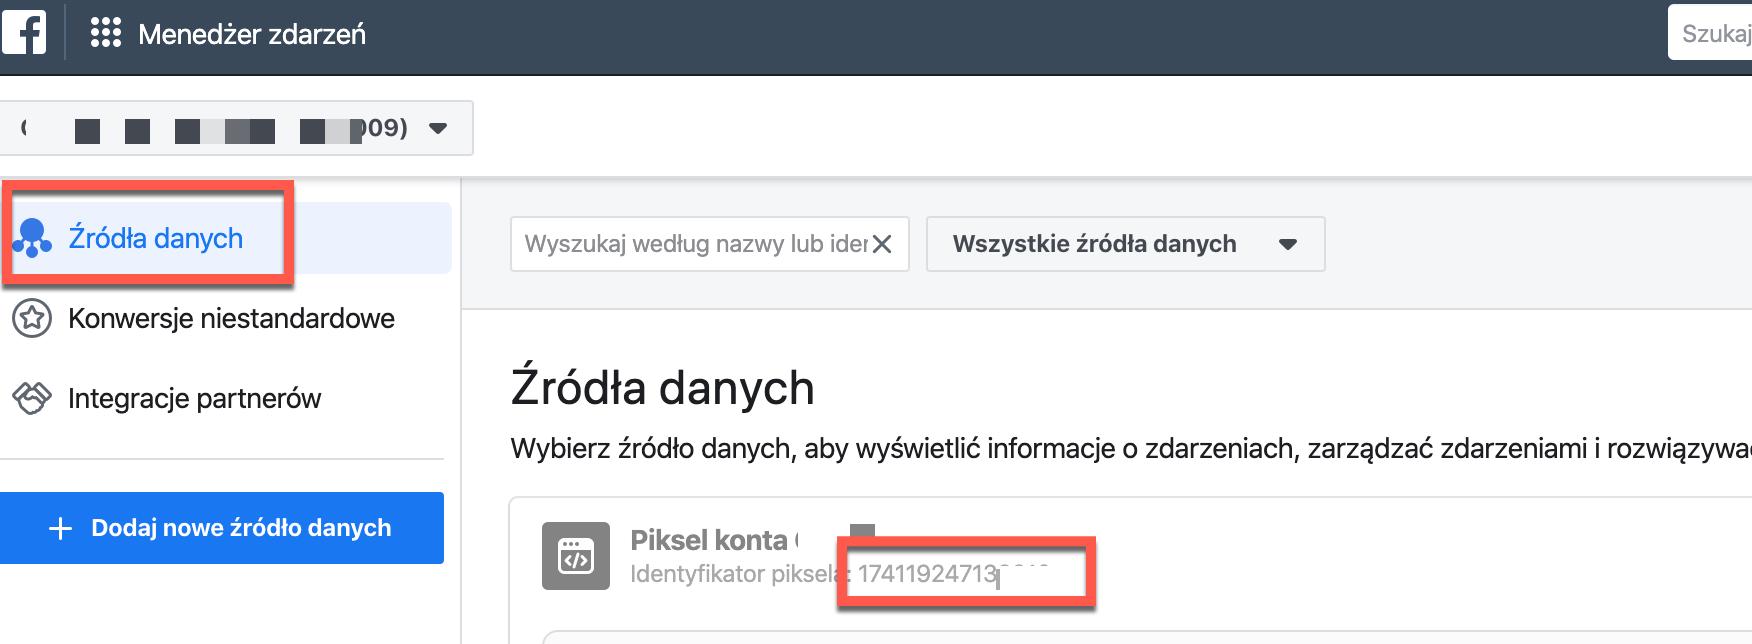 Źródła danych.